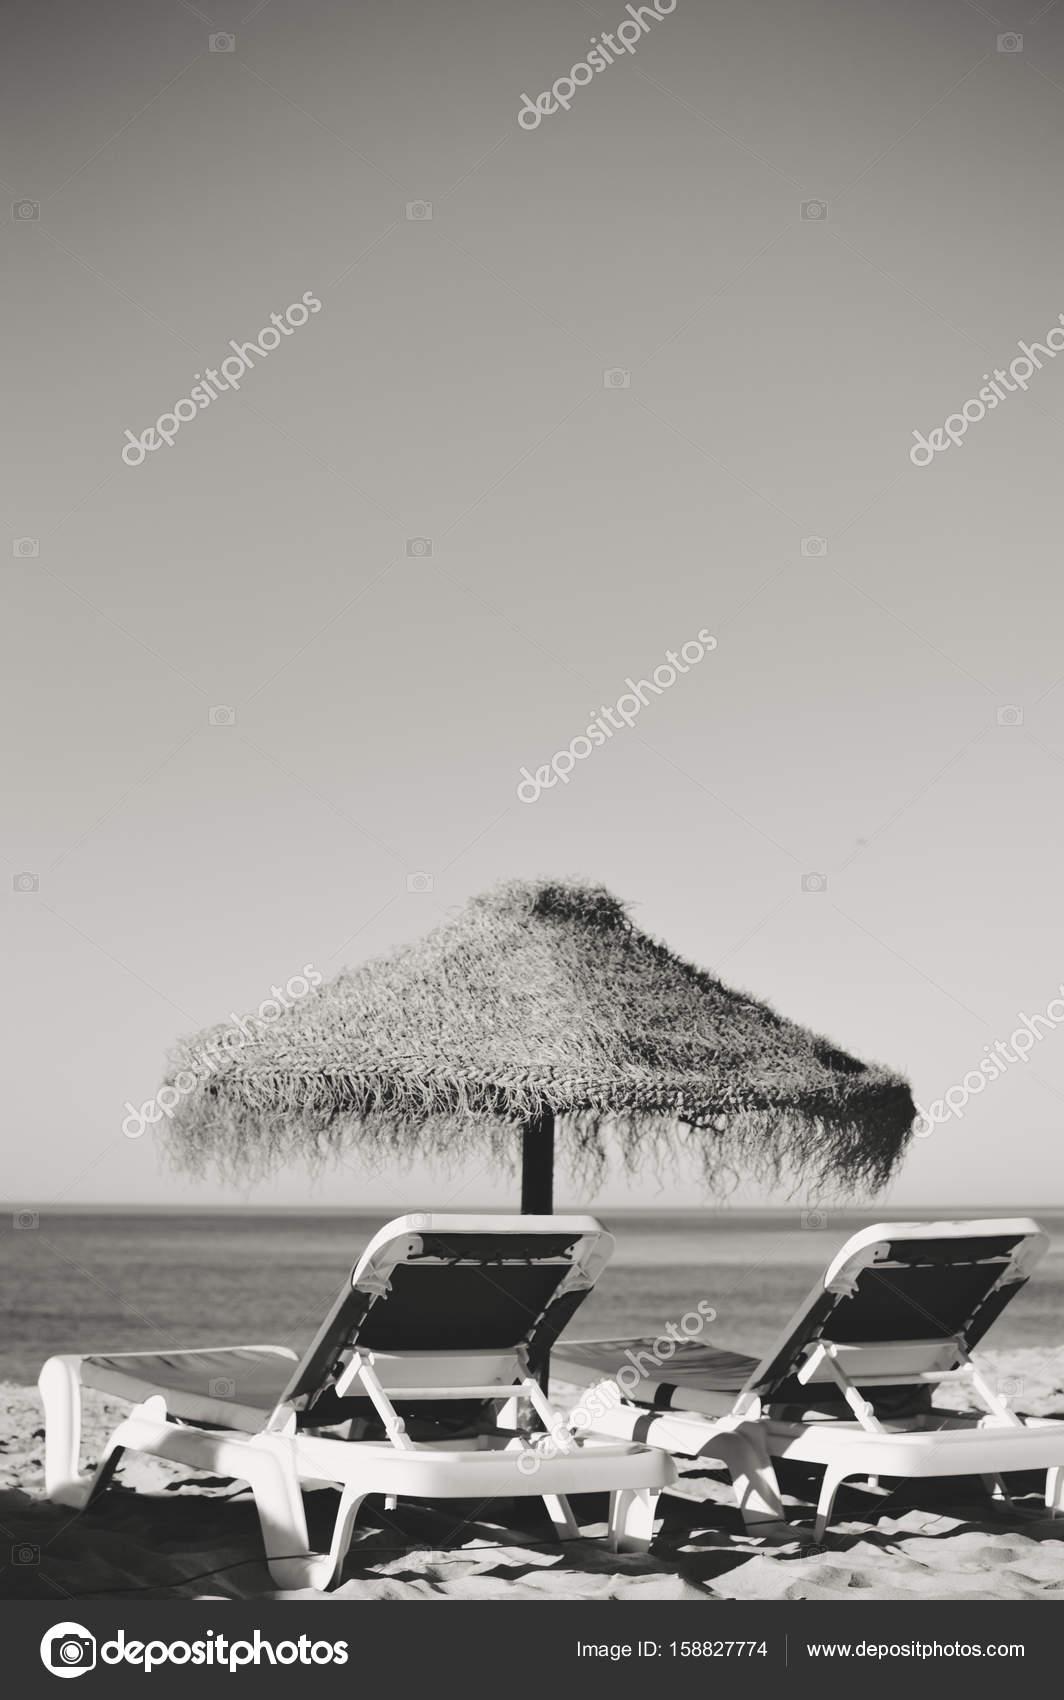 Erstaunlich Urlaub Strand Liegestühle Und Sonnenschirm Baldachin Auf Dem Ozean Im Freien  Hintergrund. Schwarz / Weiß